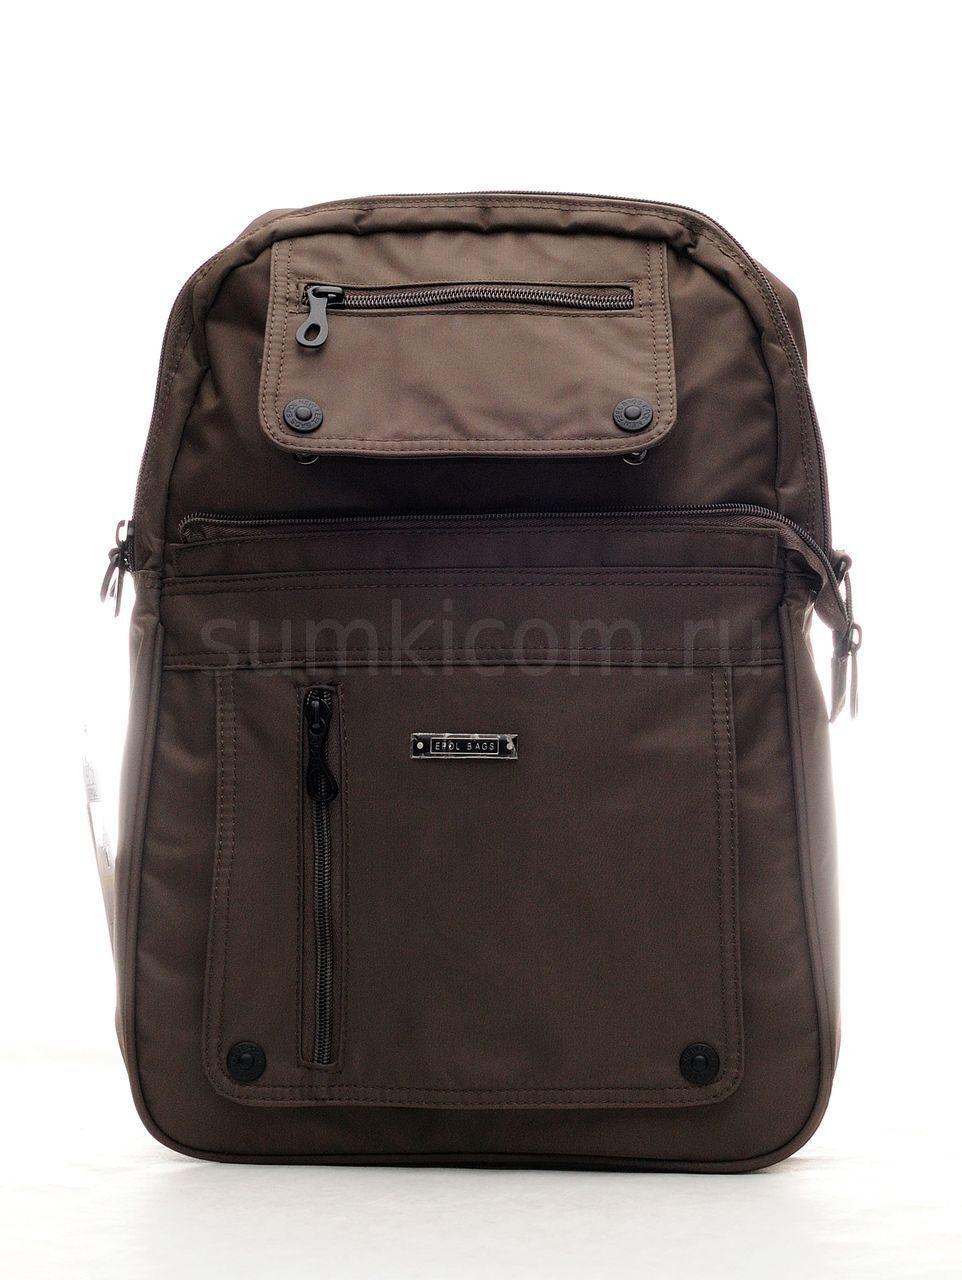 26ac45007f96 Сумка-рюкзак трансформер, коричневый Рюкзаки Дорожные сумки, сумки ...